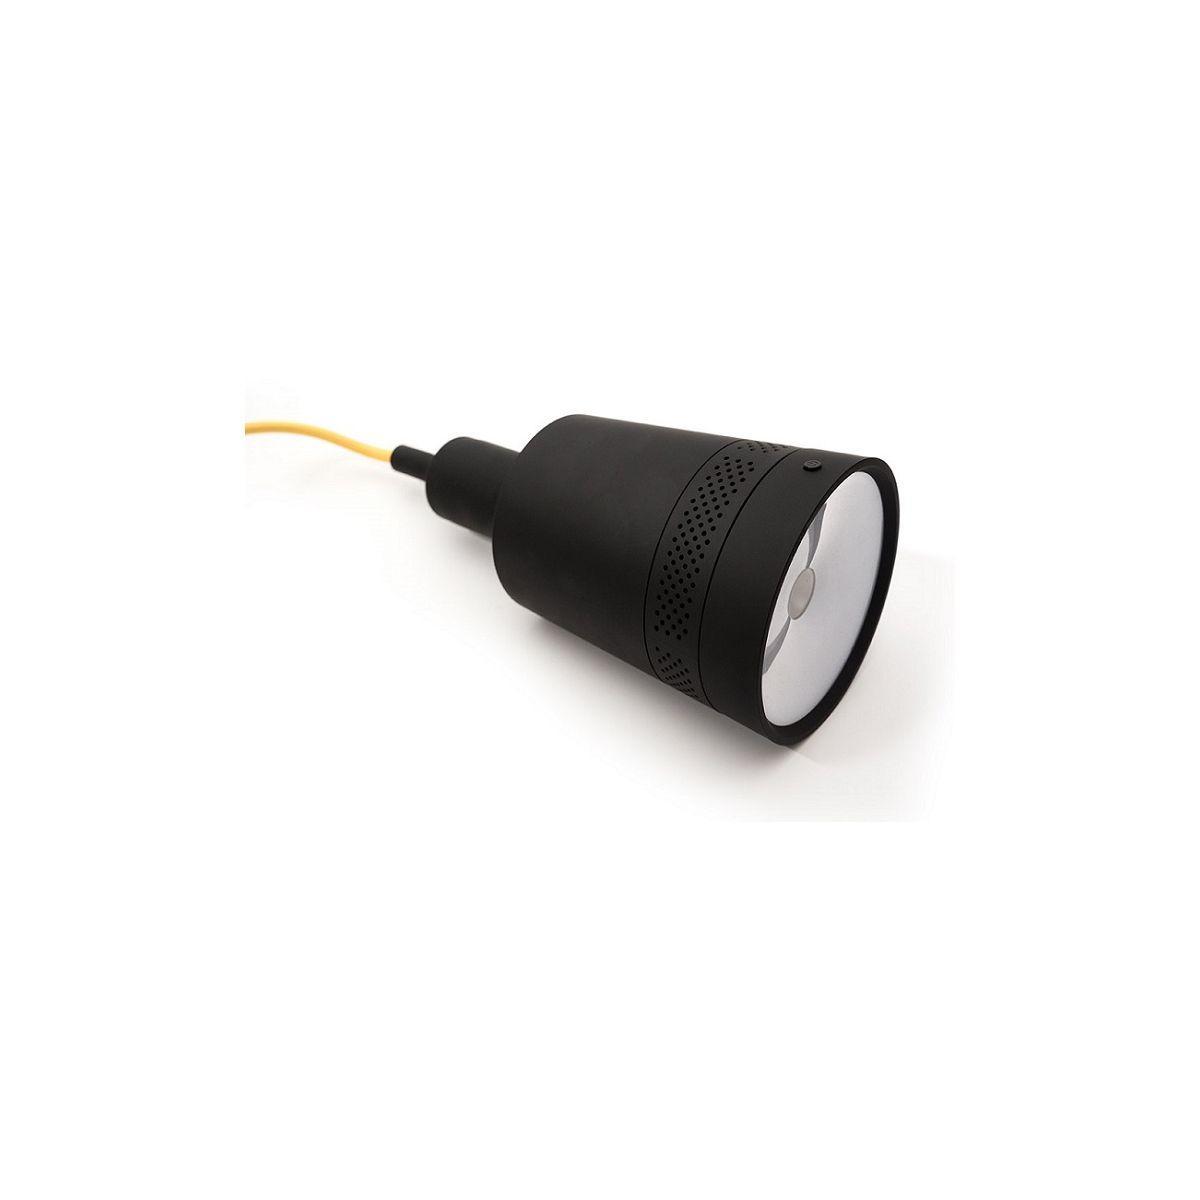 Projecteur beam connecté - 7% de remise immédiate avec le code : multi7 (photo)